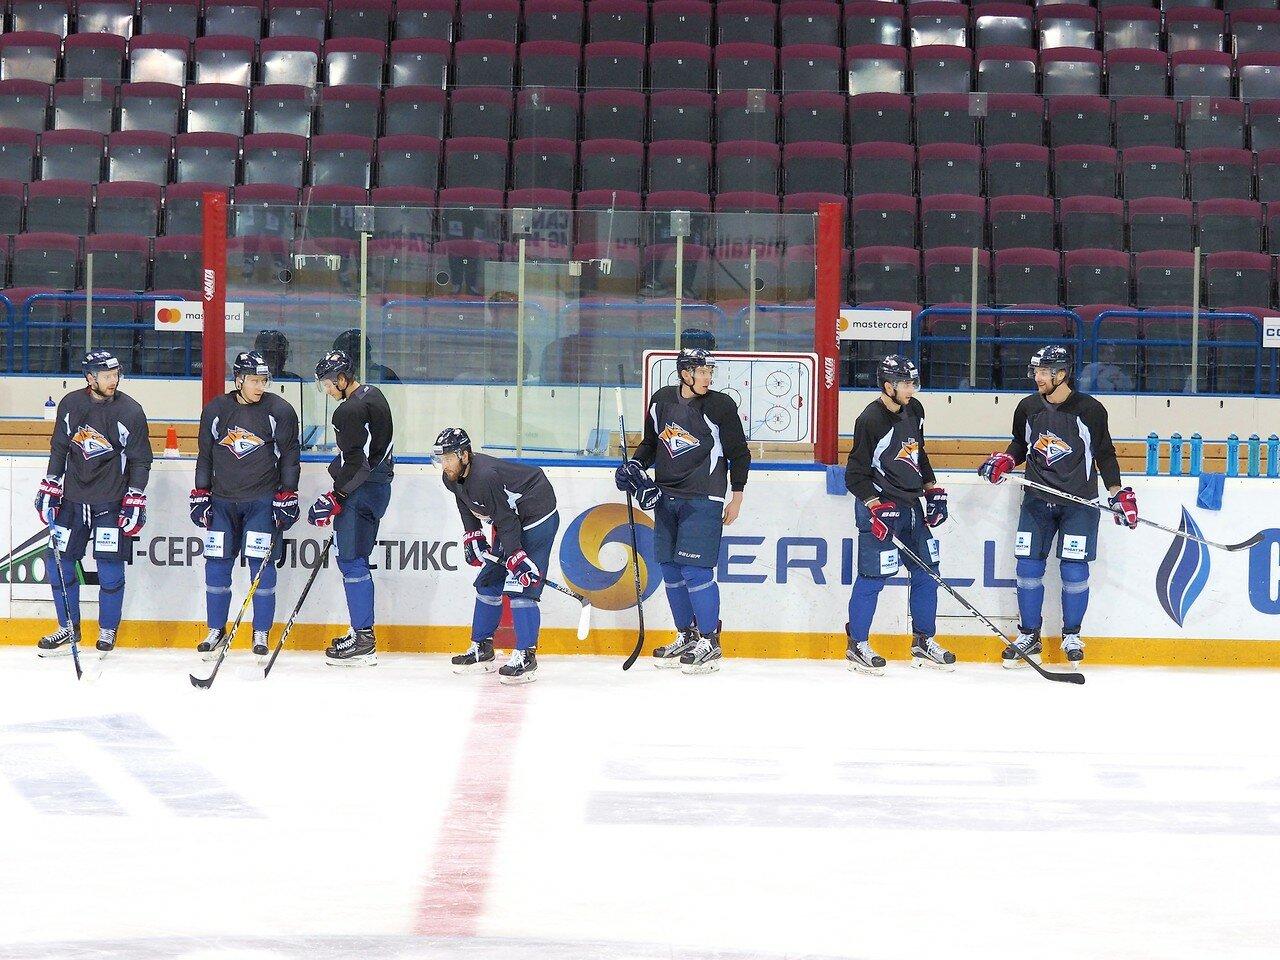 12 Открытая тренировка перед финалом плей-офф восточной конференции КХЛ 2017 22.03.2017